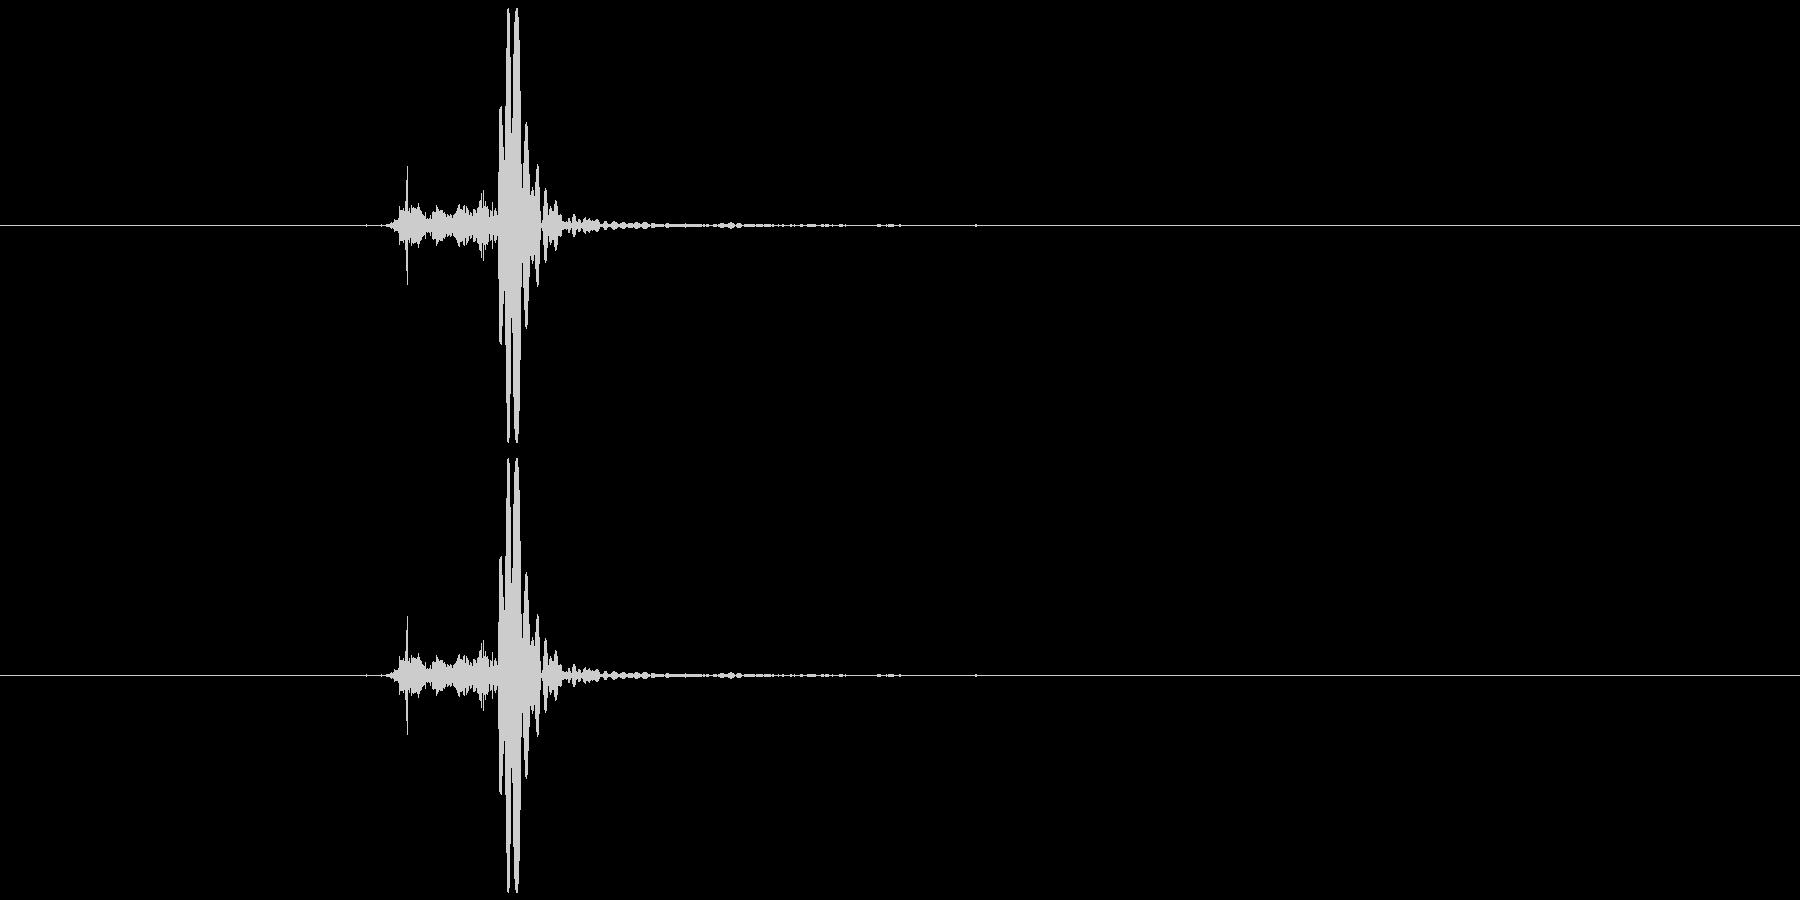 筒のフタを開ける音の未再生の波形